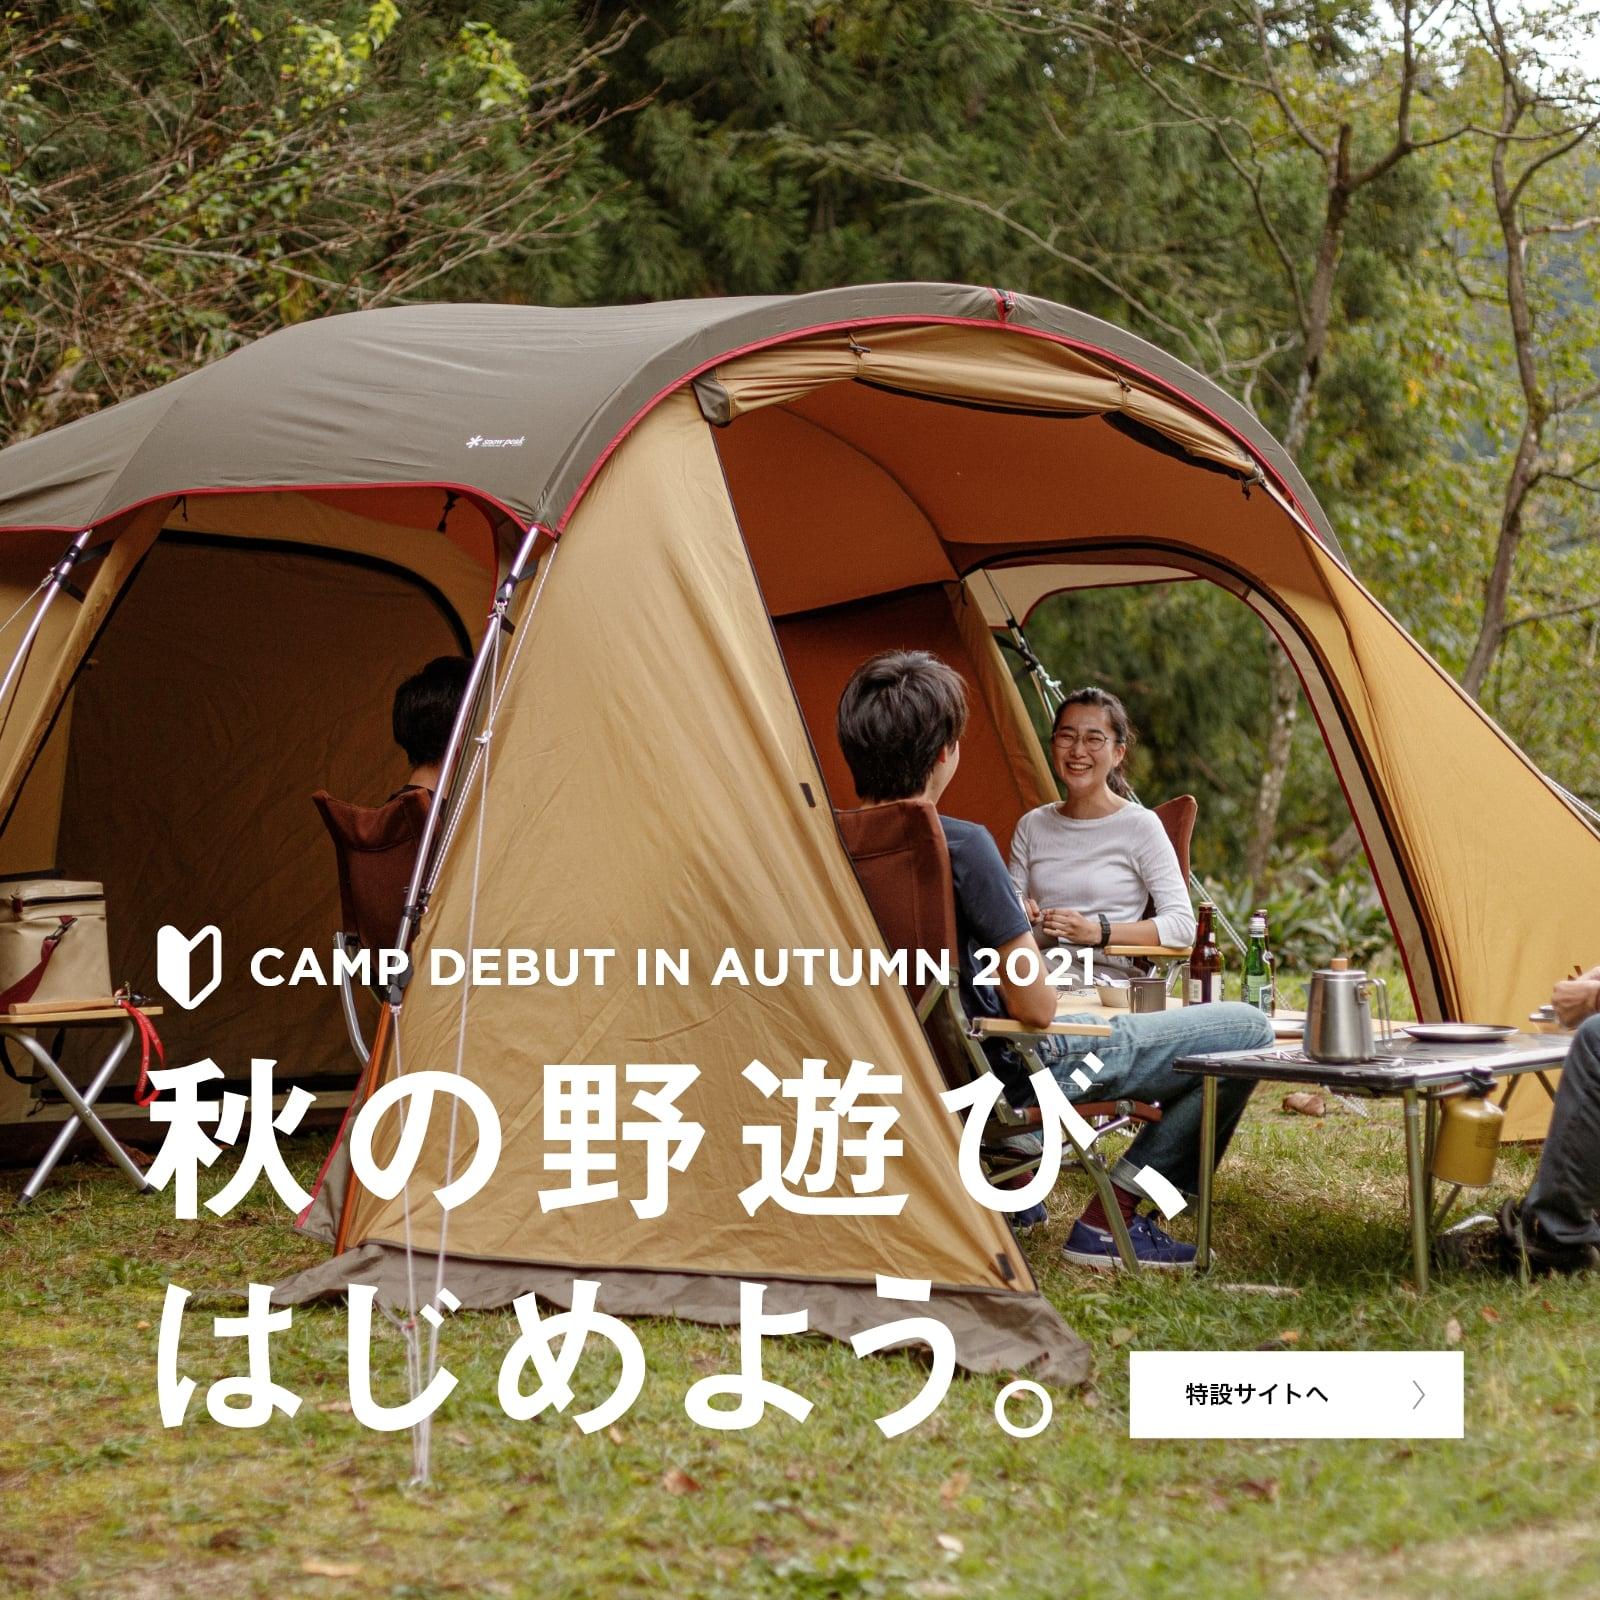 【sp】campdebutautumn